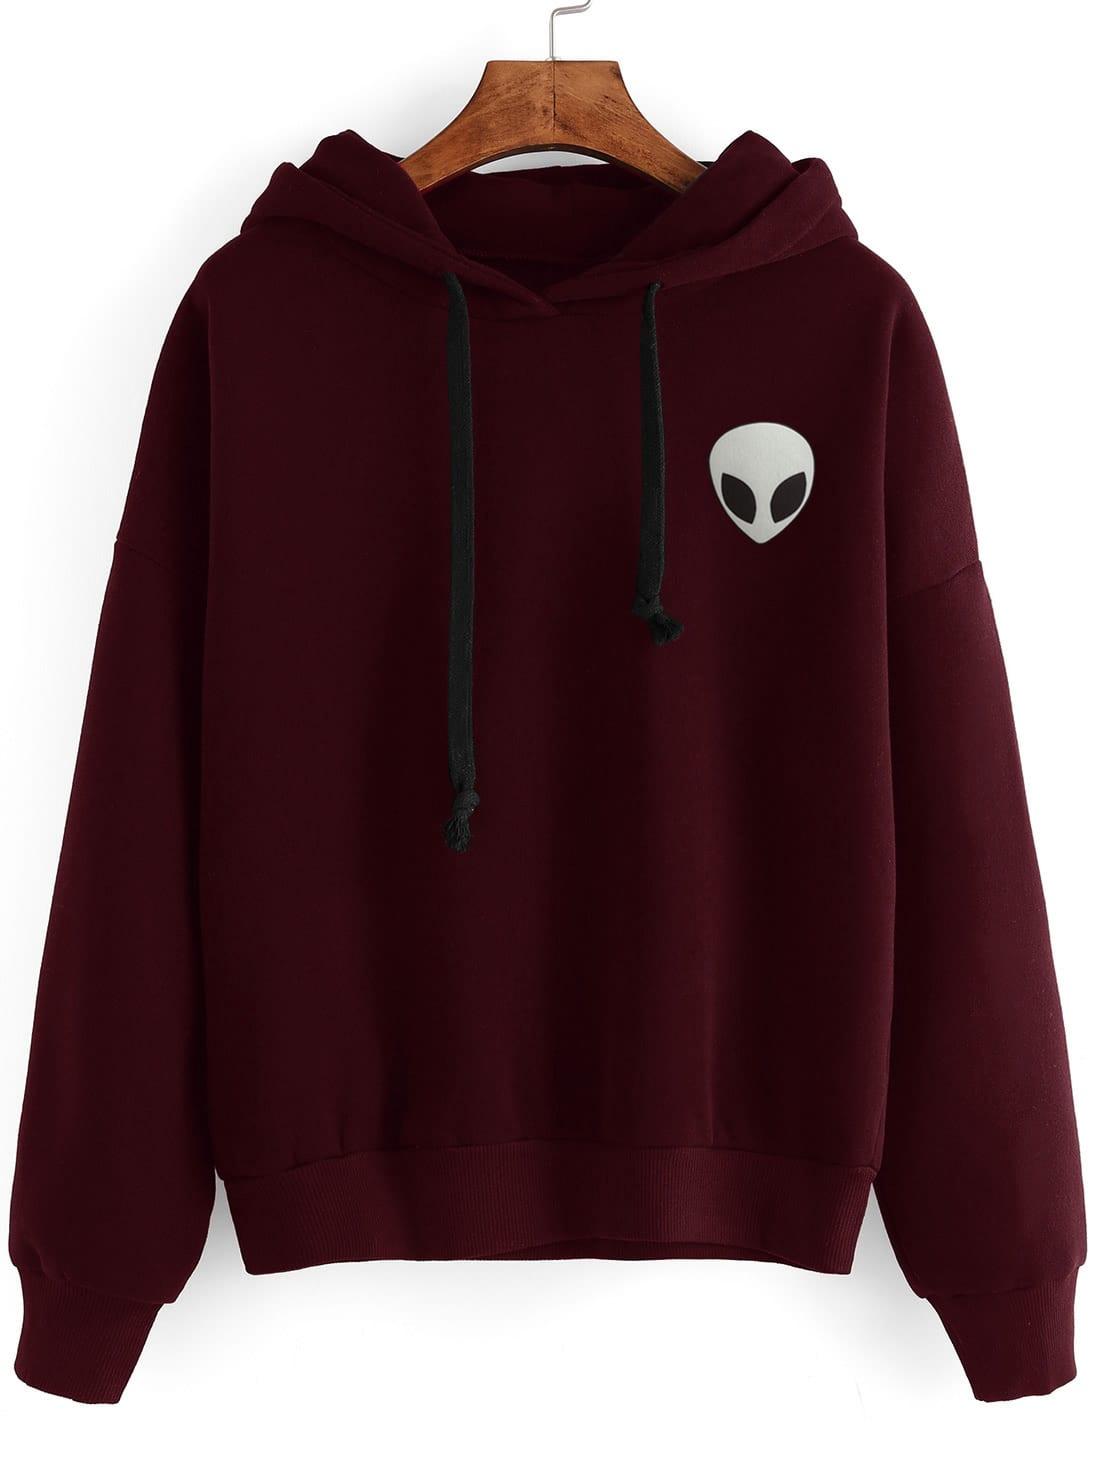 Drop Shoulder Alien Print Hoodie alien print drop shoulder hooded drawstring sweatshirt